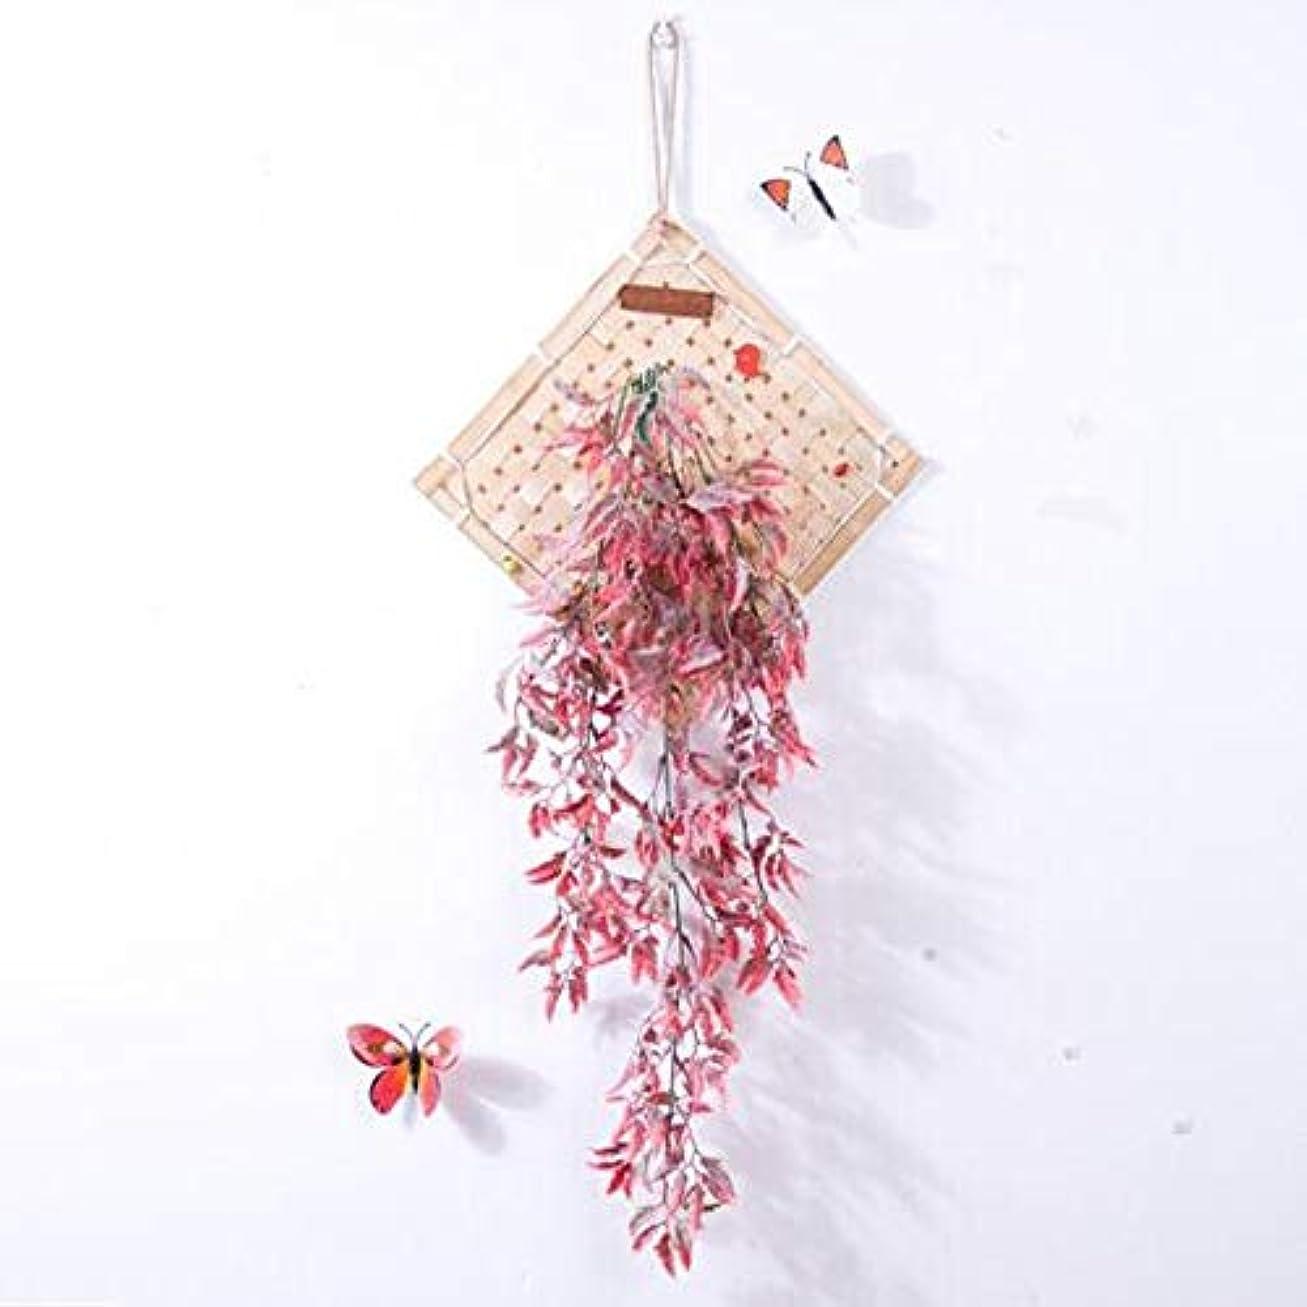 欠陥ピクニックをする祈るQiyuezhuangshi 風チャイム、クリエイティブ?竹ホームデコレーション風チャイム、パープル、幅38.5CM,美しいホリデーギフト (Color : Pink)